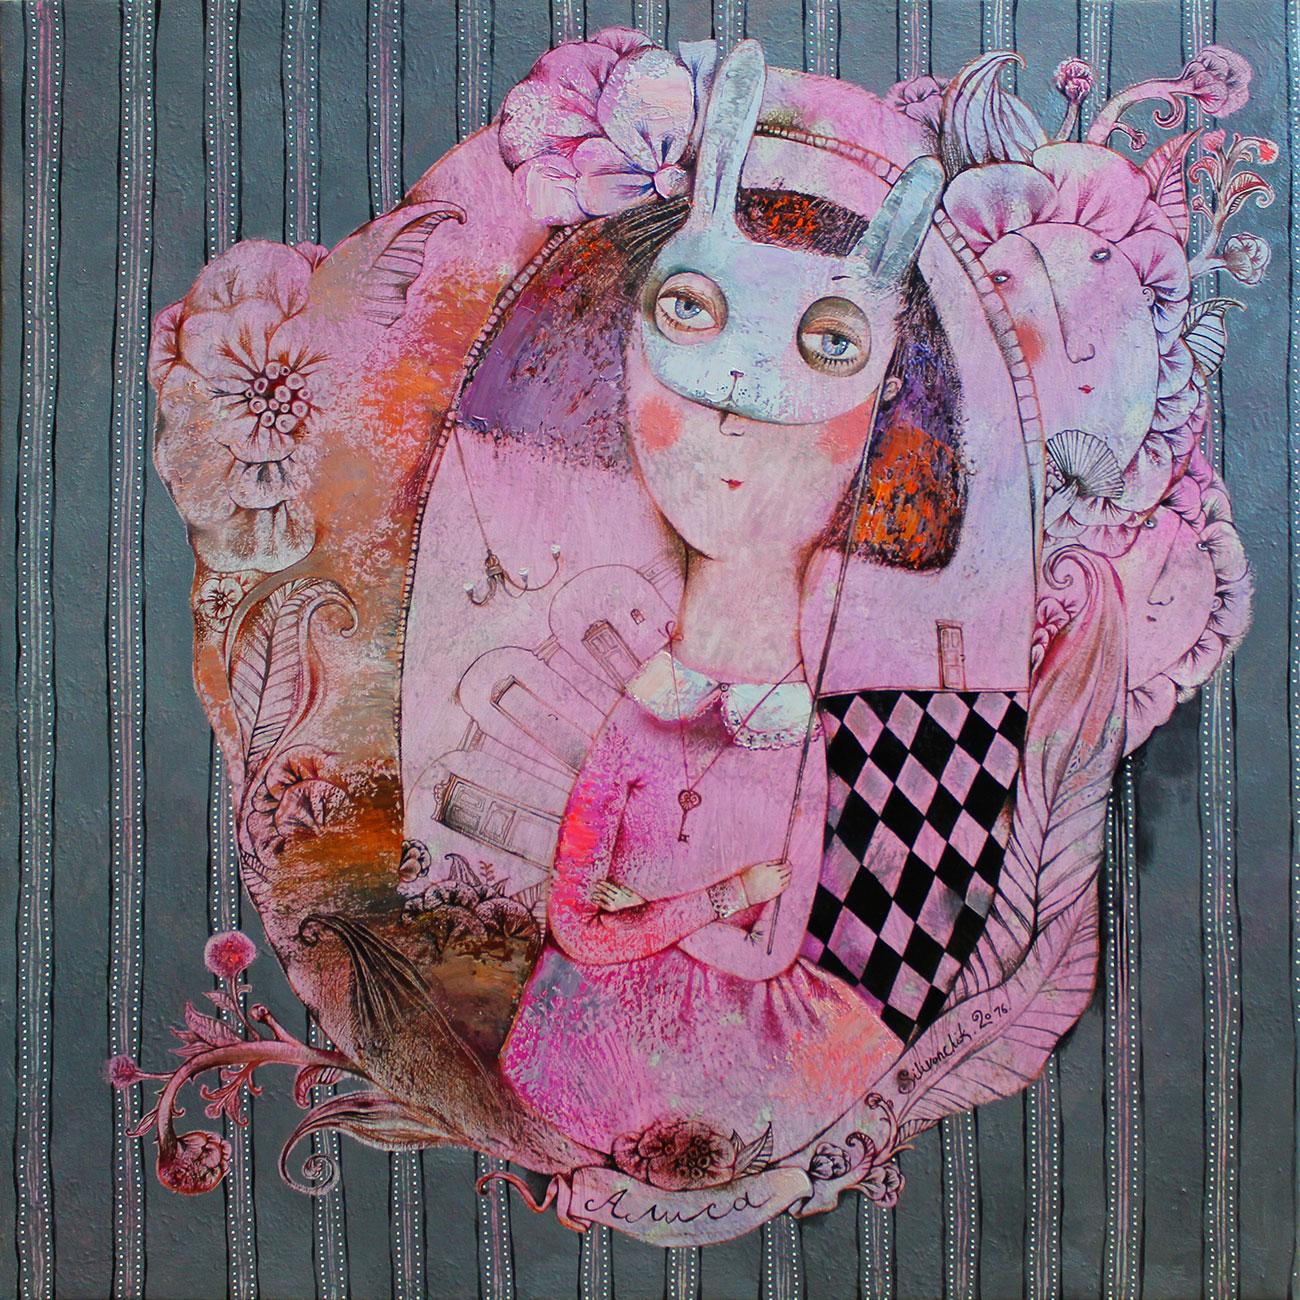 Alice, 2016 (Alice in Wonderland), Oil on Canvas, 26 x 26 in (65 x 65 cm)